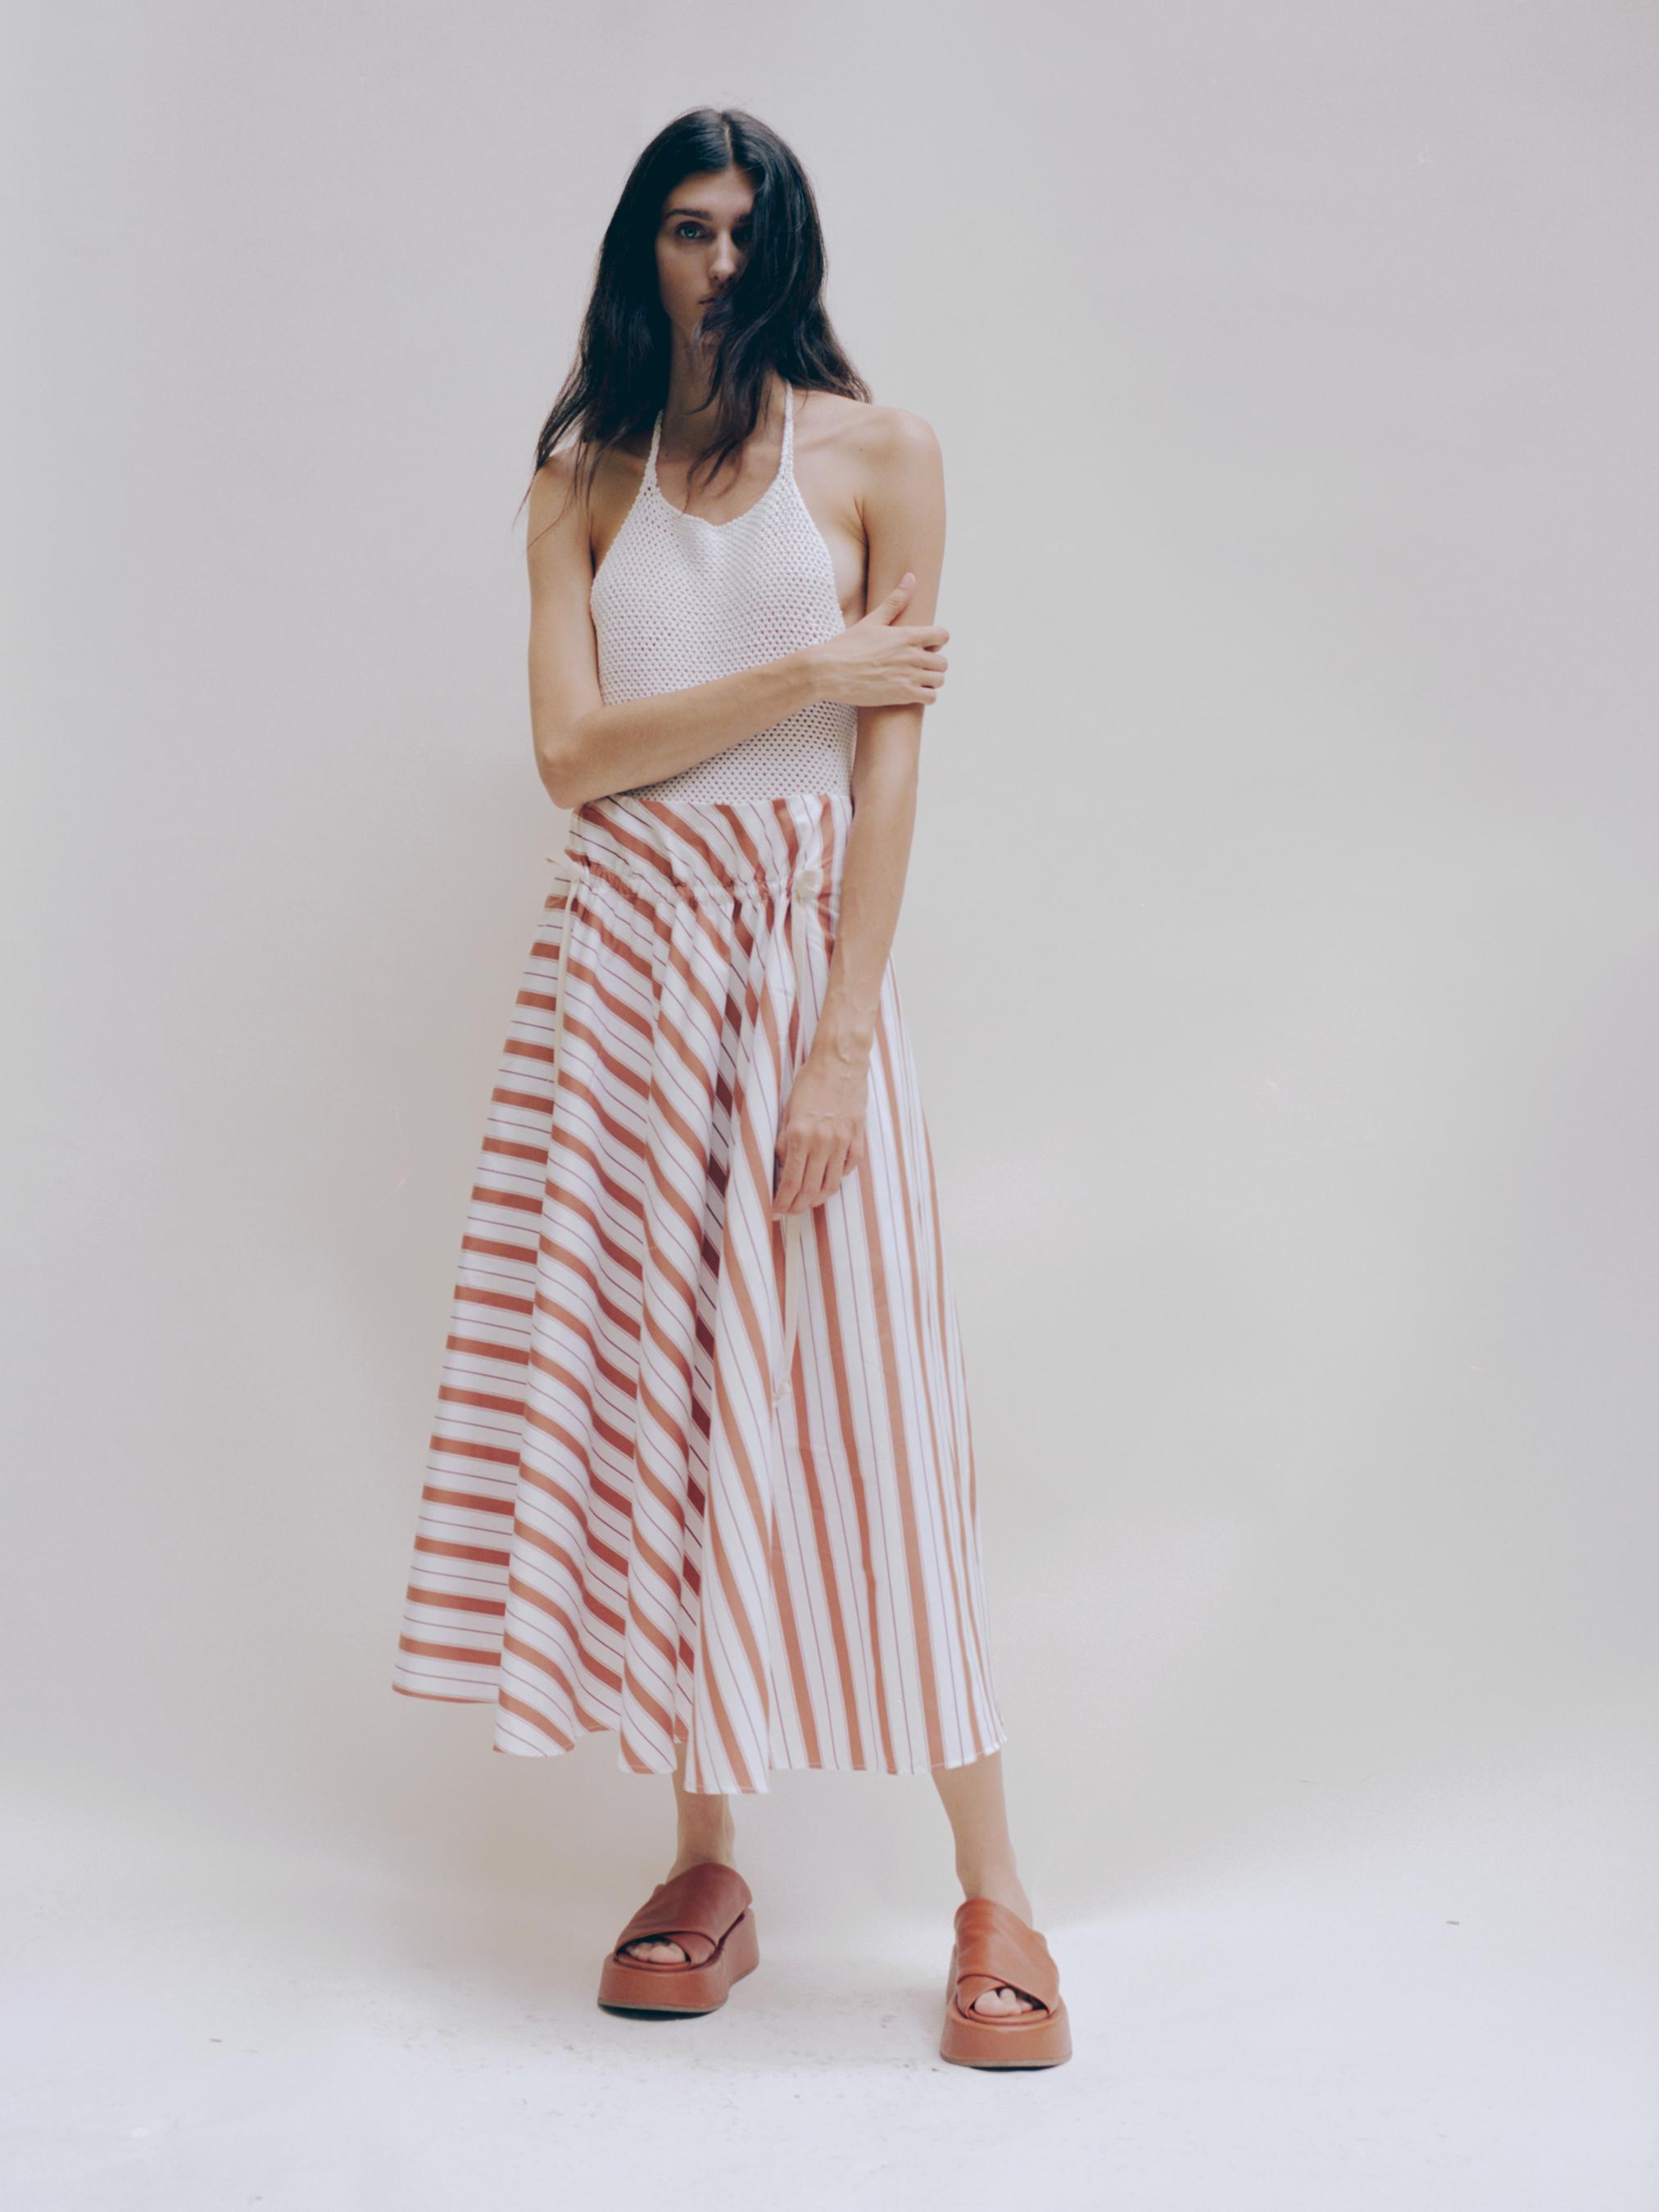 Federico Cina Spring 2022  Fashion Show